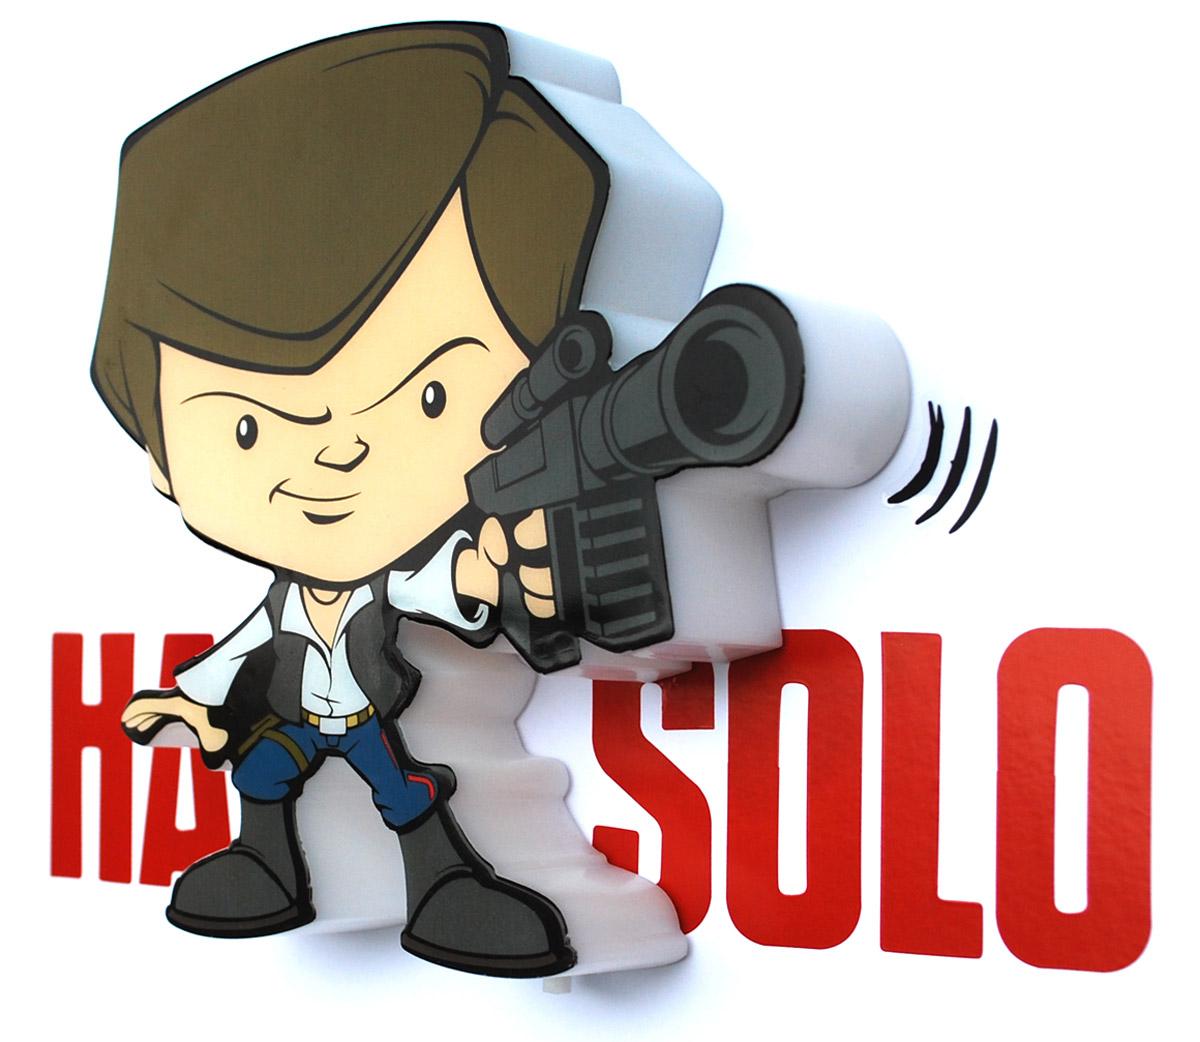 Star Wars Пробивной 3D мини-светильник Хан Соло50014120Пробивной 3D мини-светильник Star Wars Хан Соло обязательно понравится вашему ребенку. Особенности:Безопасный: без проводов, работает от батареек (2хААА, не входят в комплект); Не нагревается: всегда можно дотронуться до изделия; Реалистичный: 3D наклейка в комплекте; Фантастический: выглядит превосходно в любое время суток; Удобный: простая установка (автоматическое выключение через полчаса непрерывной работы). Товар предназначен для детей старше 3 лет. ВНИМАНИЕ! Содержит мелкие детали, использовать под непосредственным наблюдением взрослых.